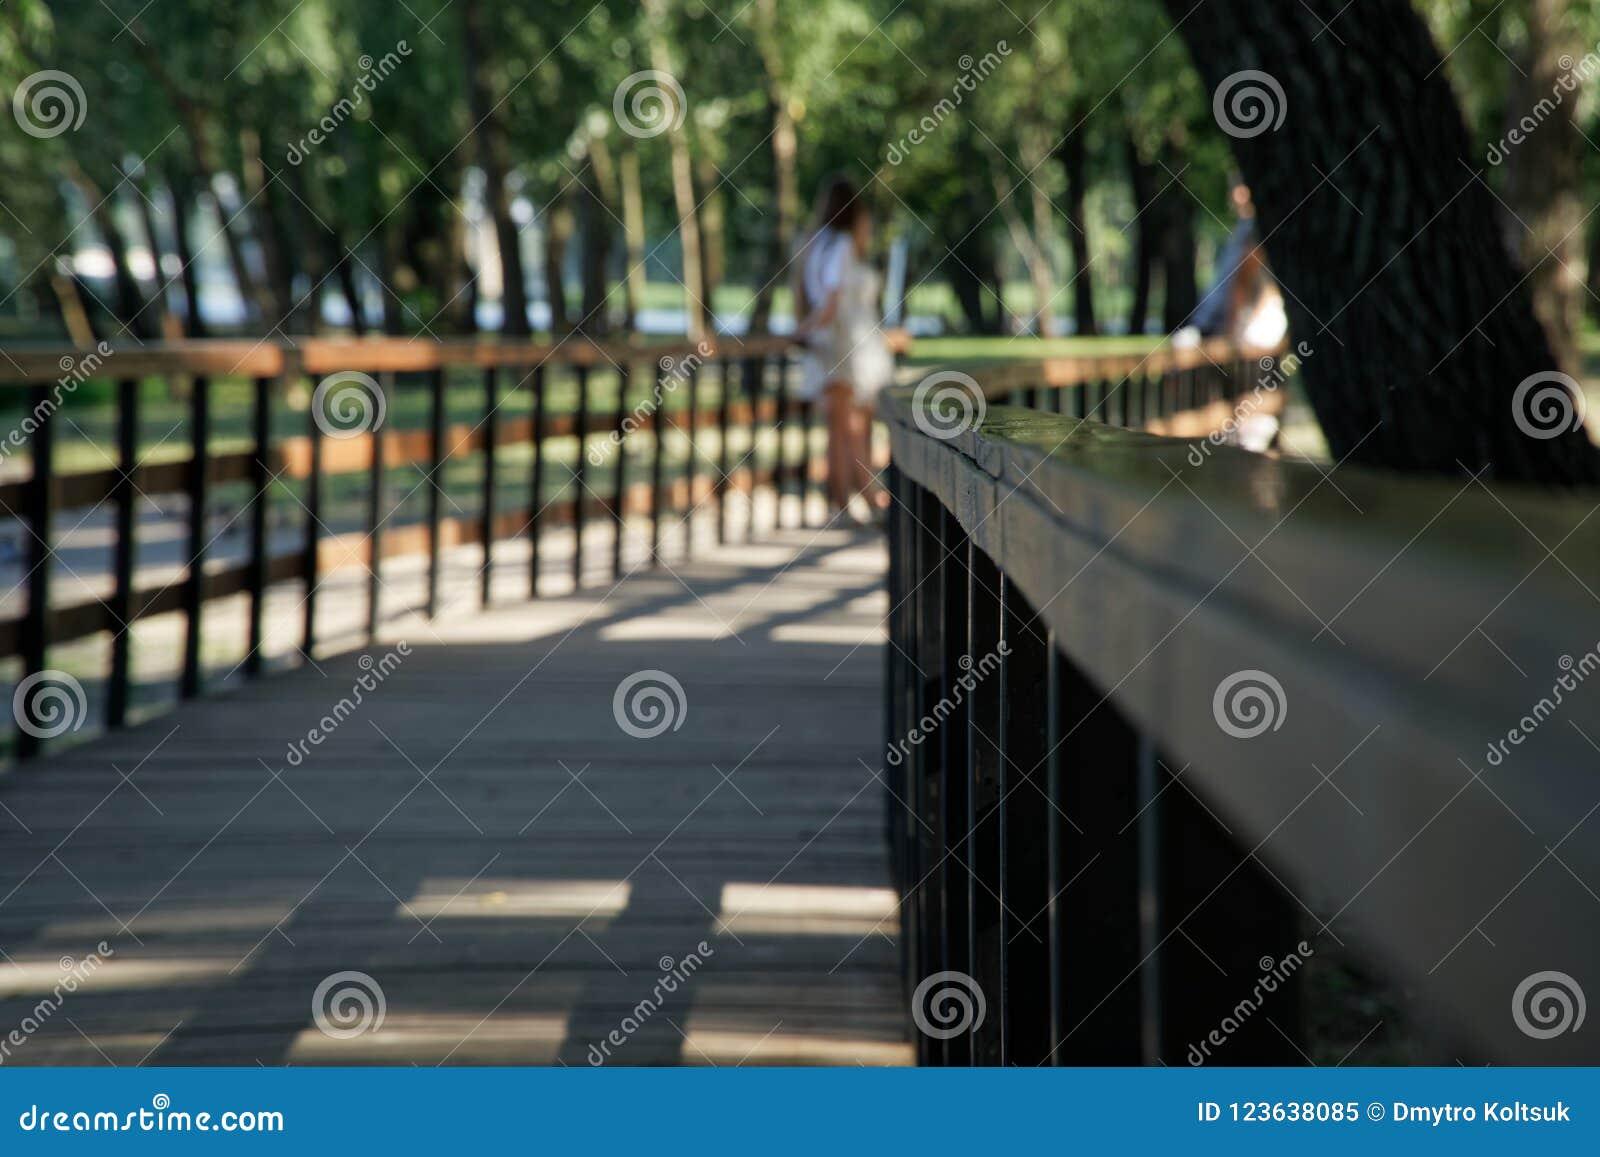 Barandilla de madera en parque público con el banco del césped y árbol verde, lugar para la relajación